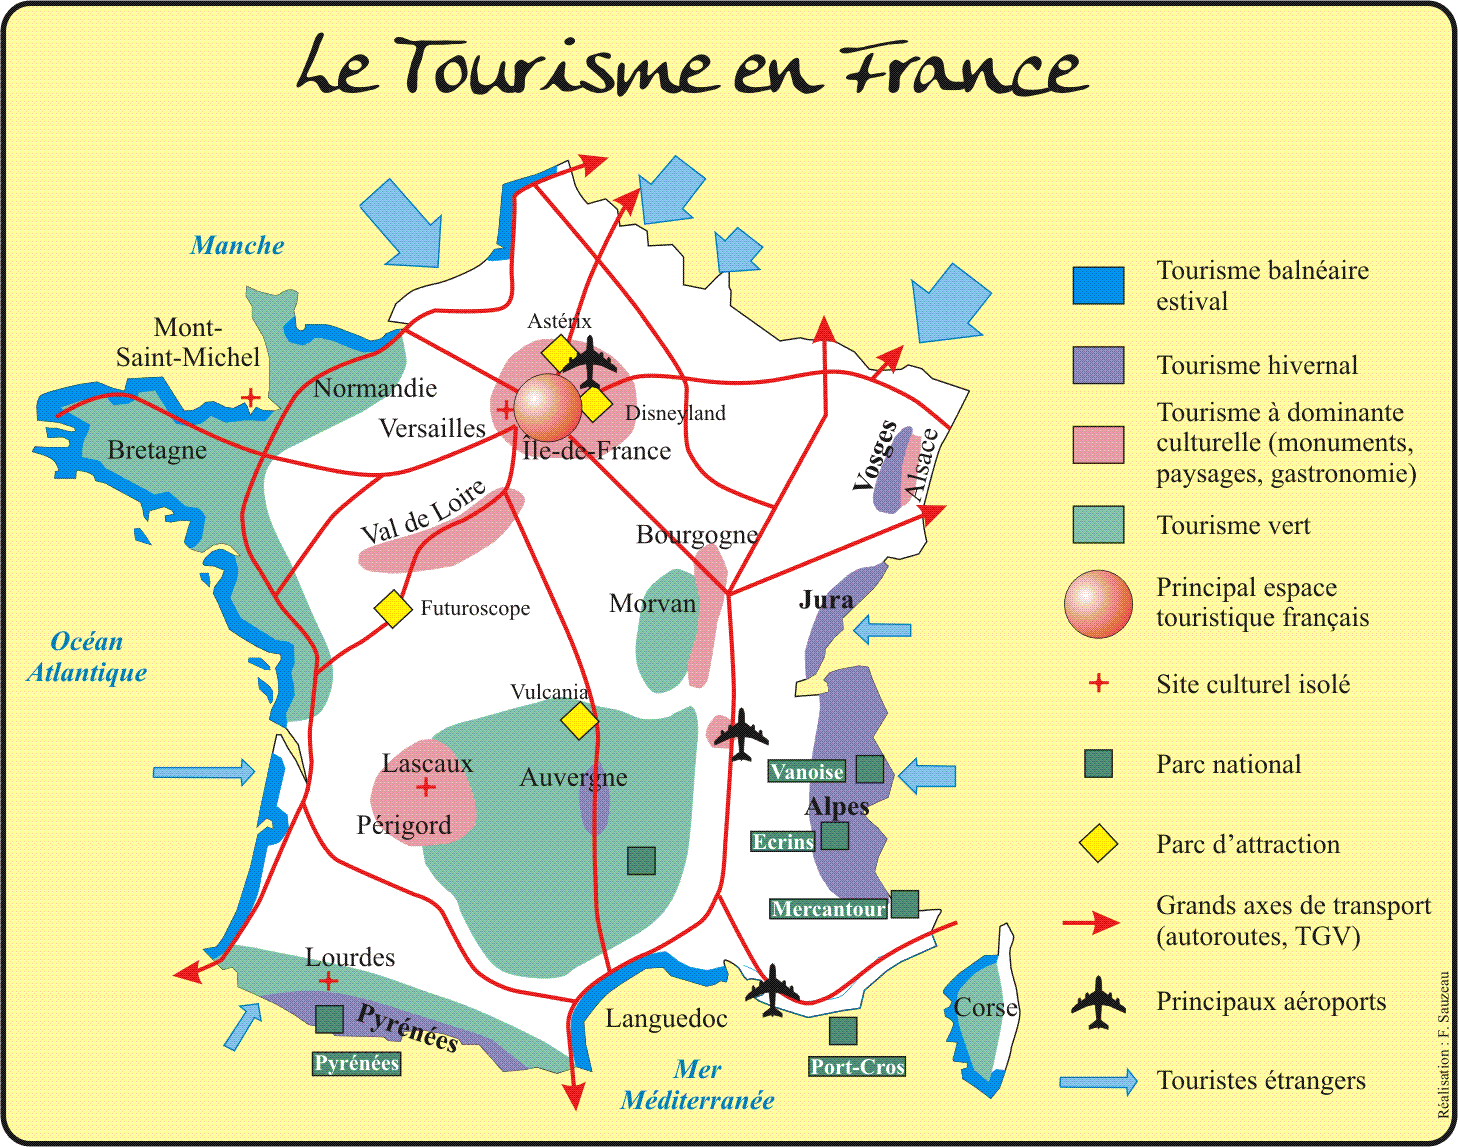 carte-tourisme-france